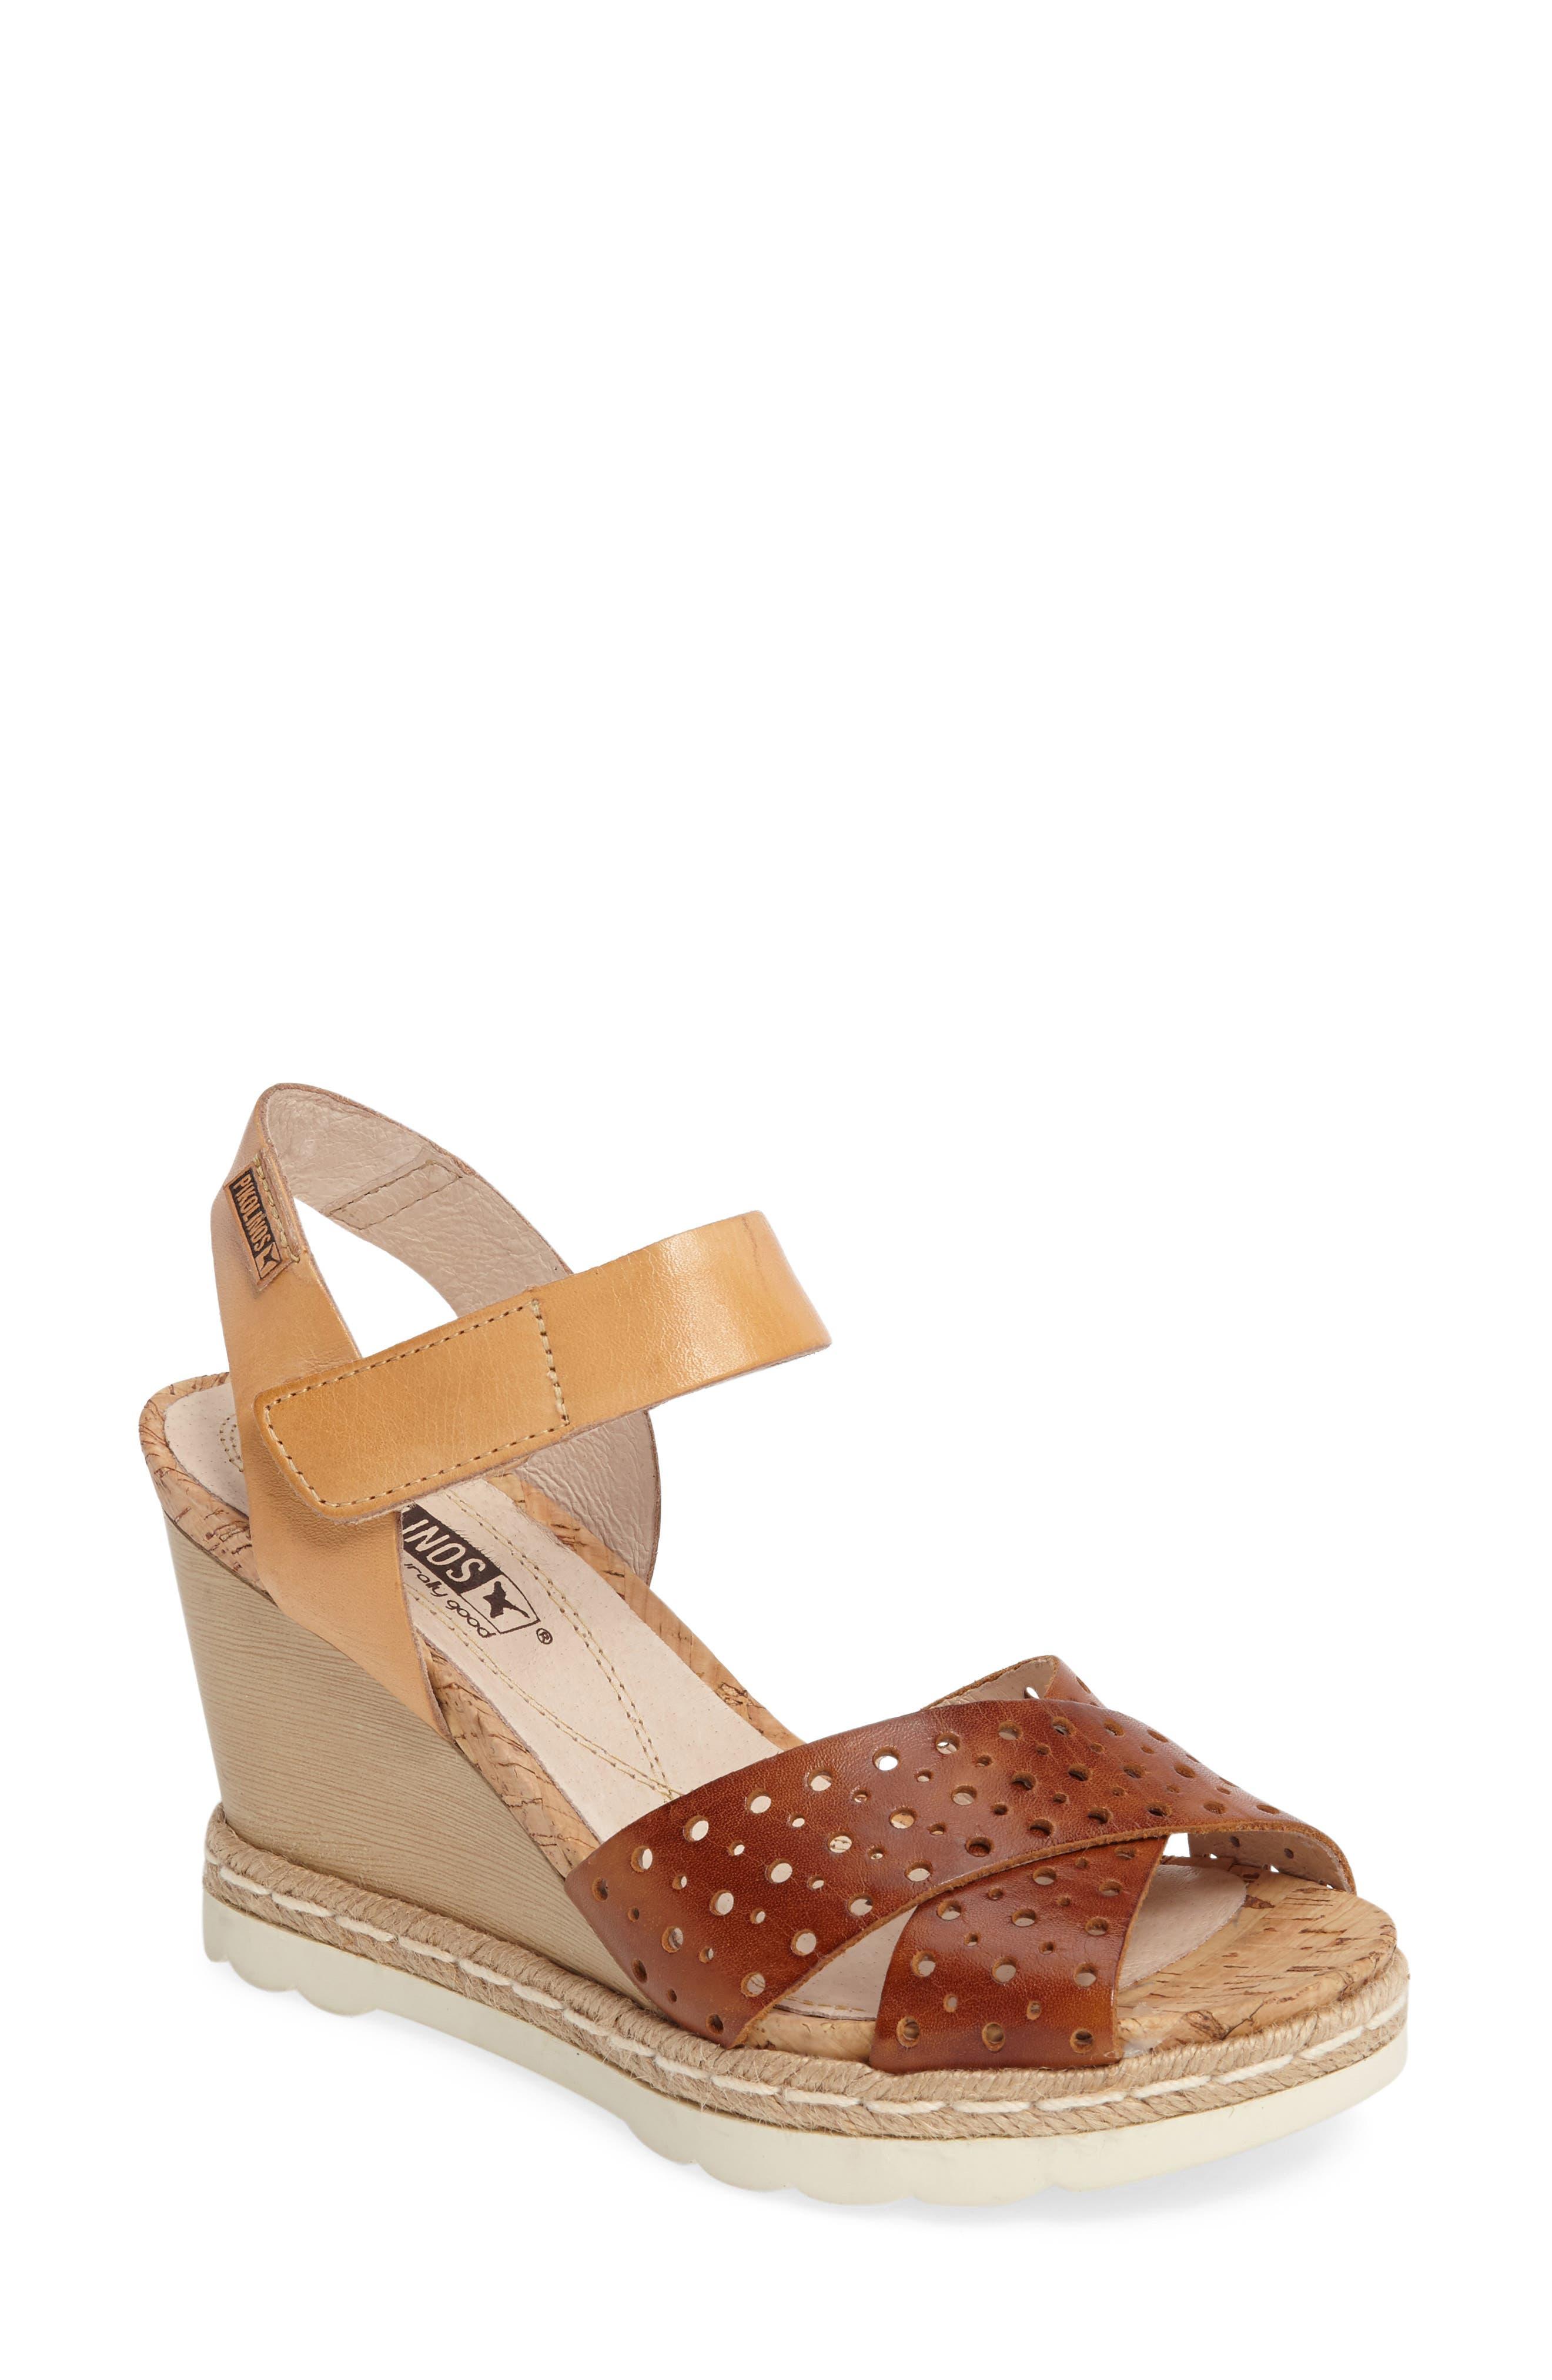 Main Image - PIKOLINOS Bali Wedge Sandal (Women)